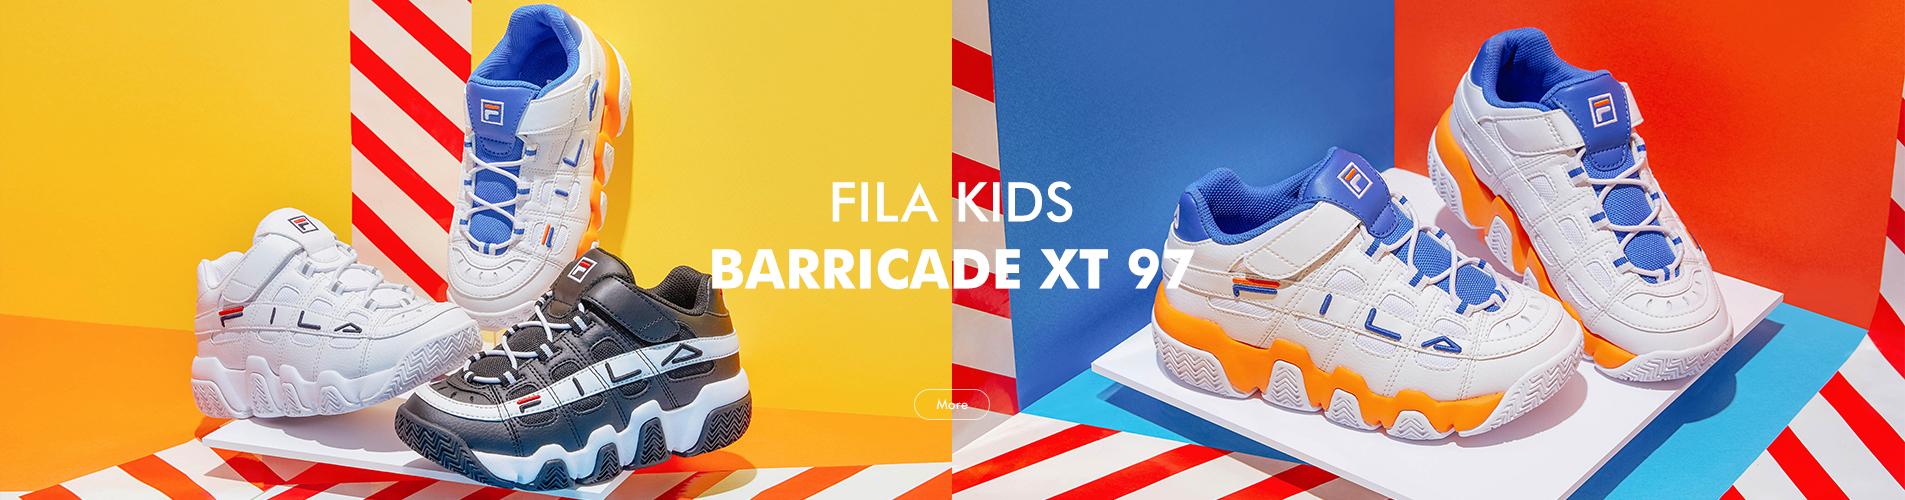 KIDS BARRICADE XT 97